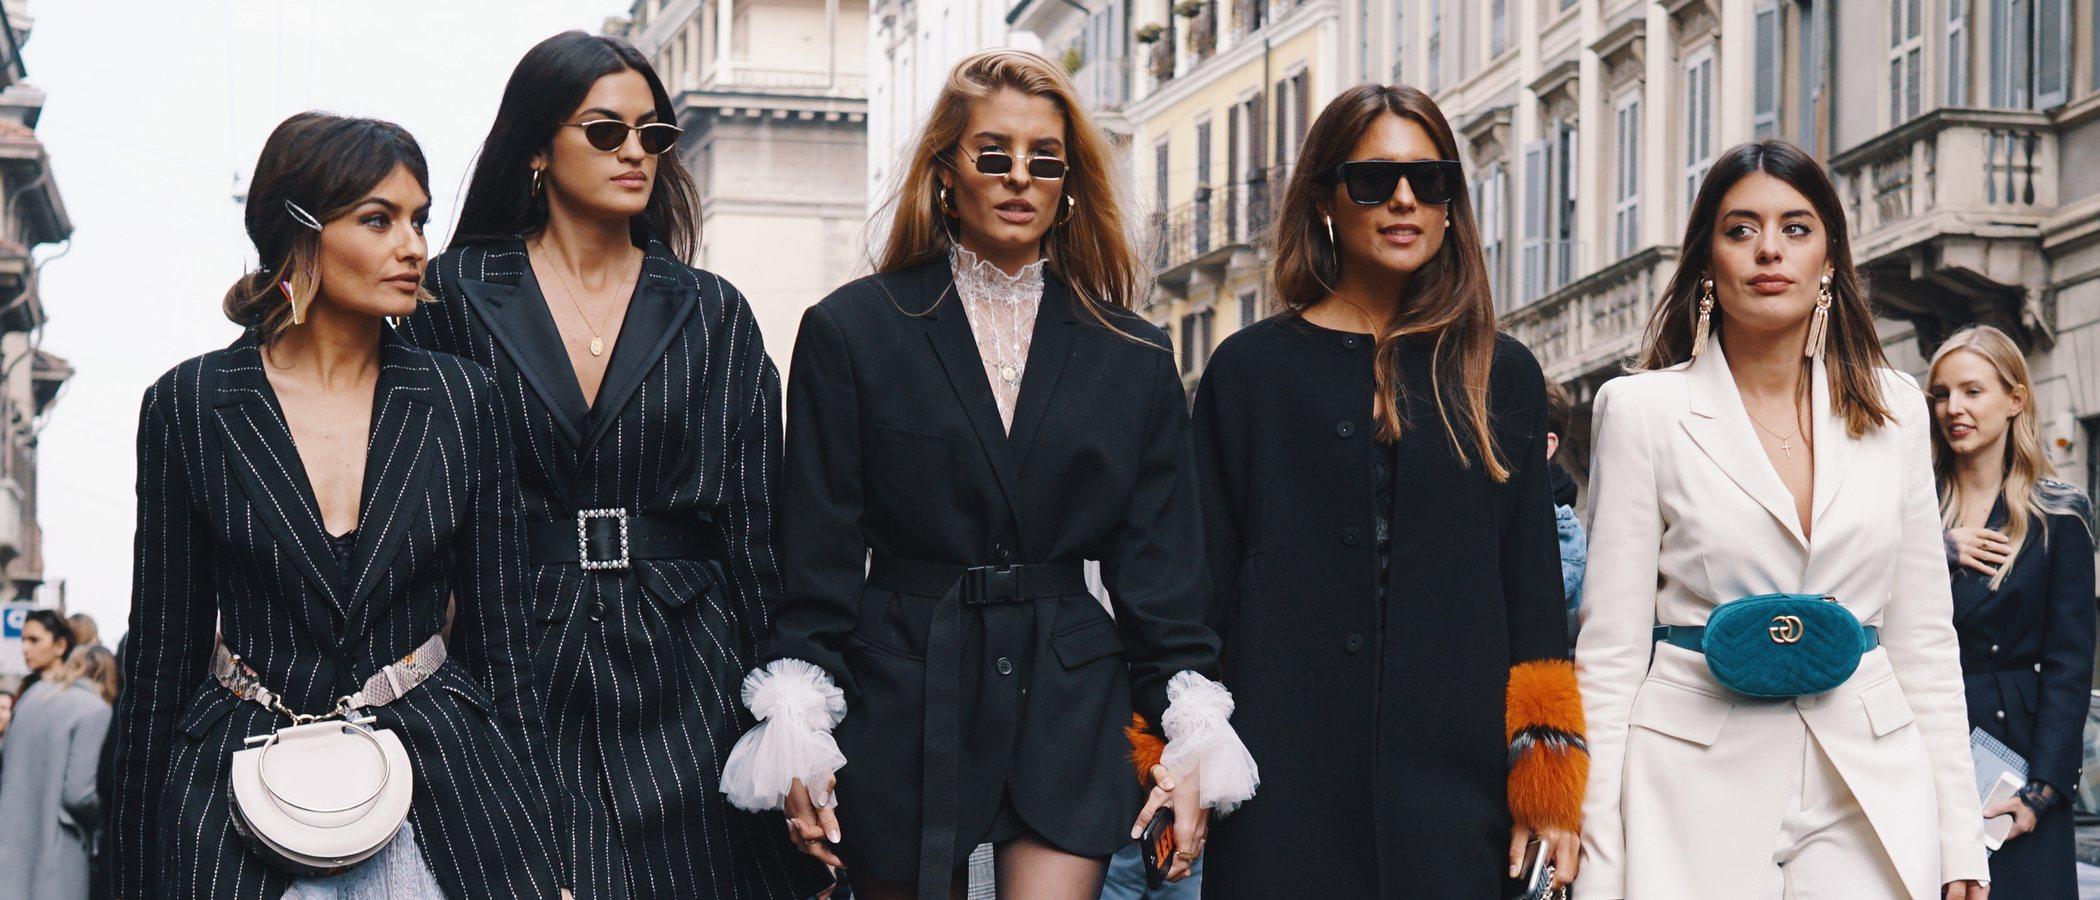 Dulceida cuenta la verdad y desmiente falsas creencias sobre los influencers en las Fashion Weeks